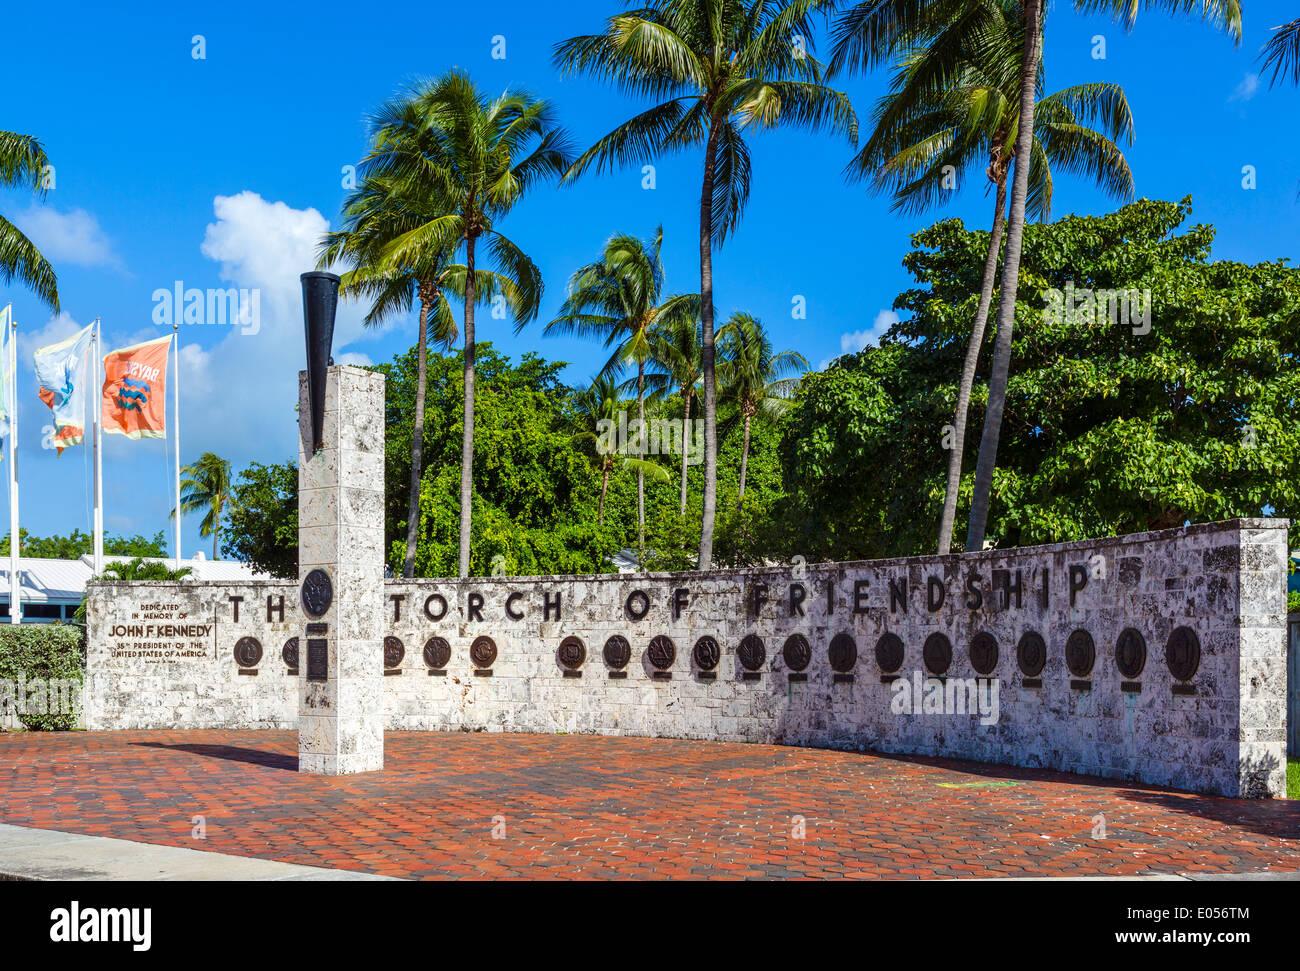 Il John F Kennedy Memorial torcia dell amicizia, Bayfront park Biscayne Boulevard, Miami, Florida, Stati Uniti d'America Immagini Stock